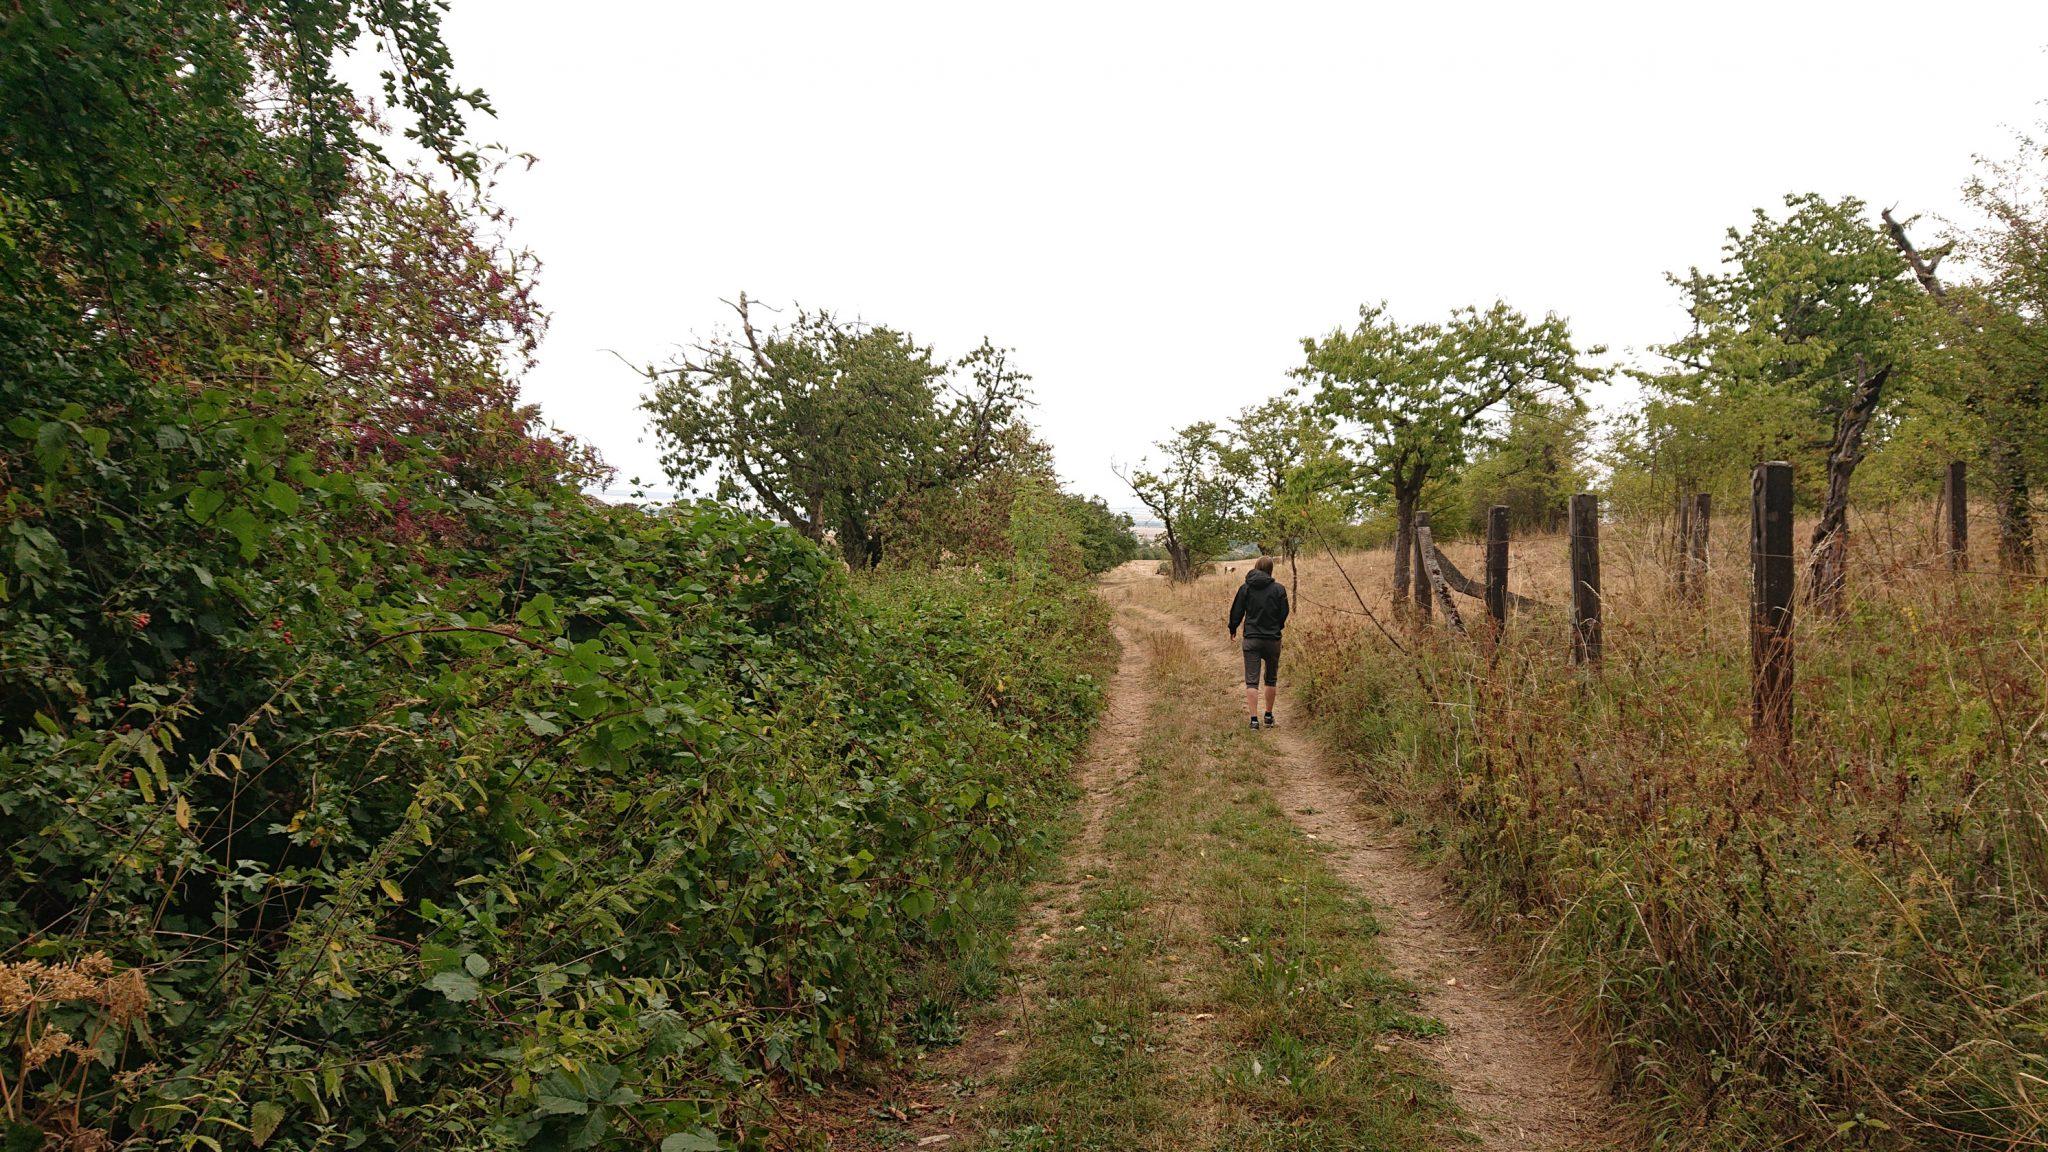 Nationalpark Hainich Saugrabenweg und Betteleichenweg wandern, letzter Abschnitt zurück zum Ausgangspunkt über Feldwege entlang Obstbaumplantagen